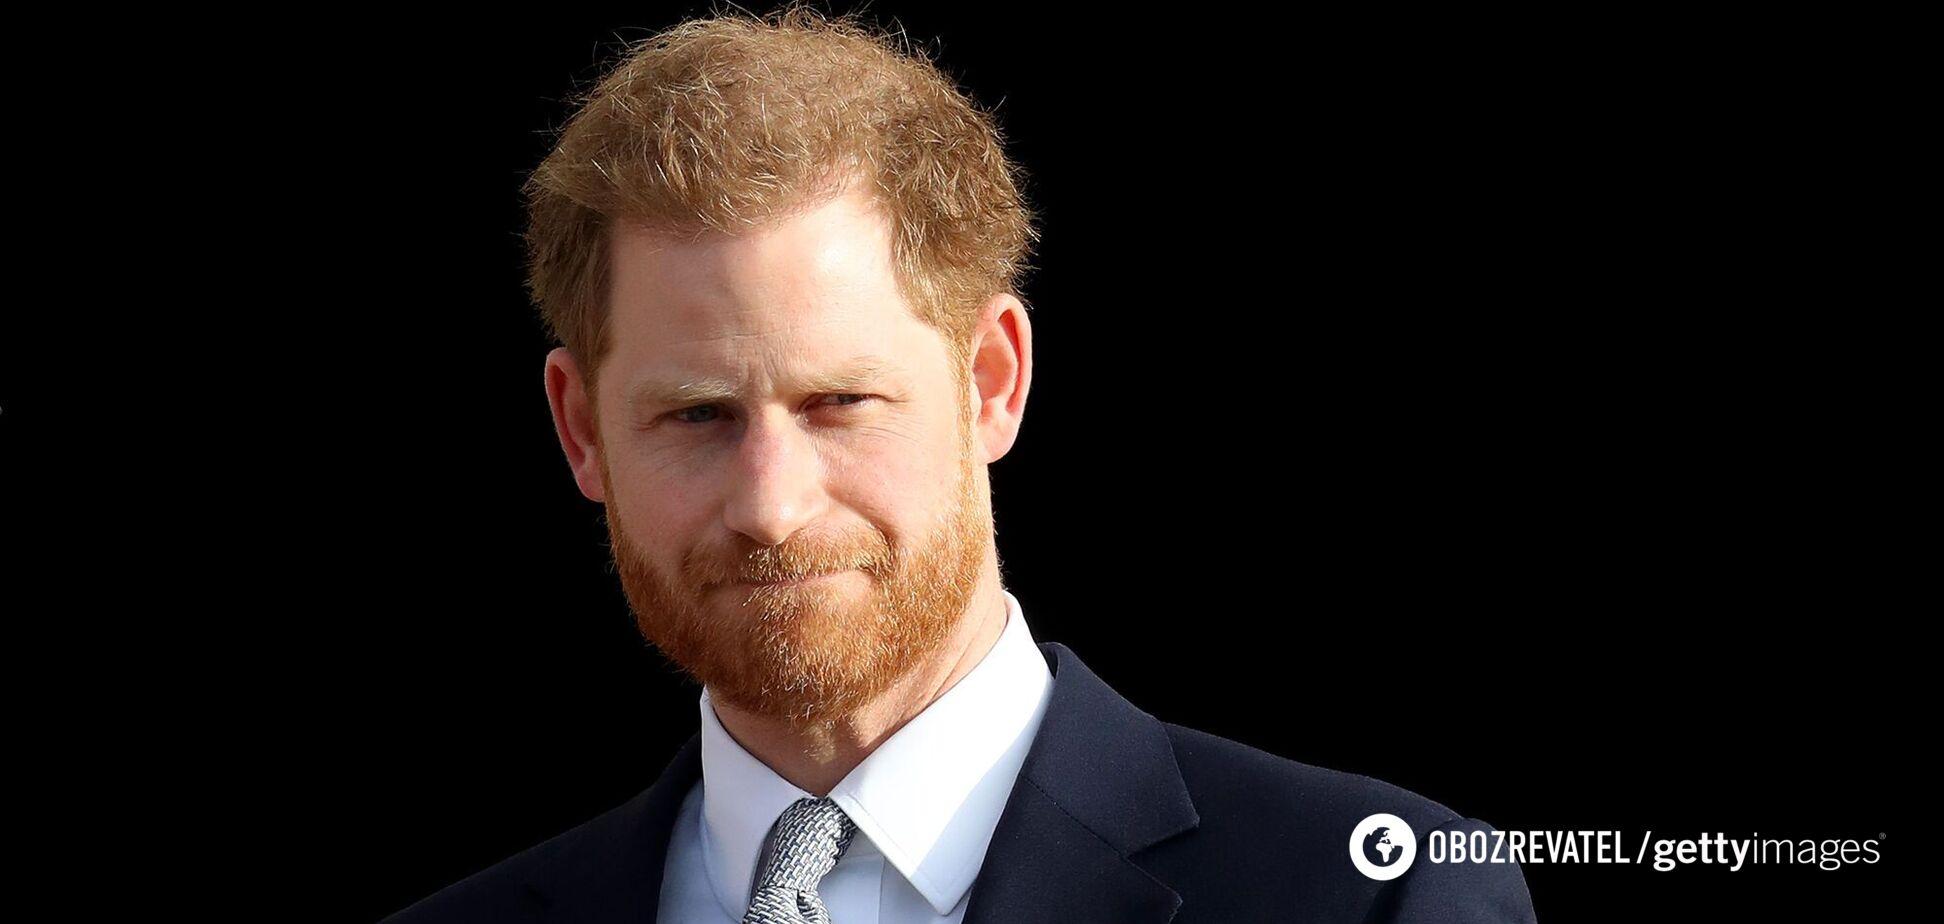 Принц Гаррі хотів піти з королівської сім'ї в 20 років